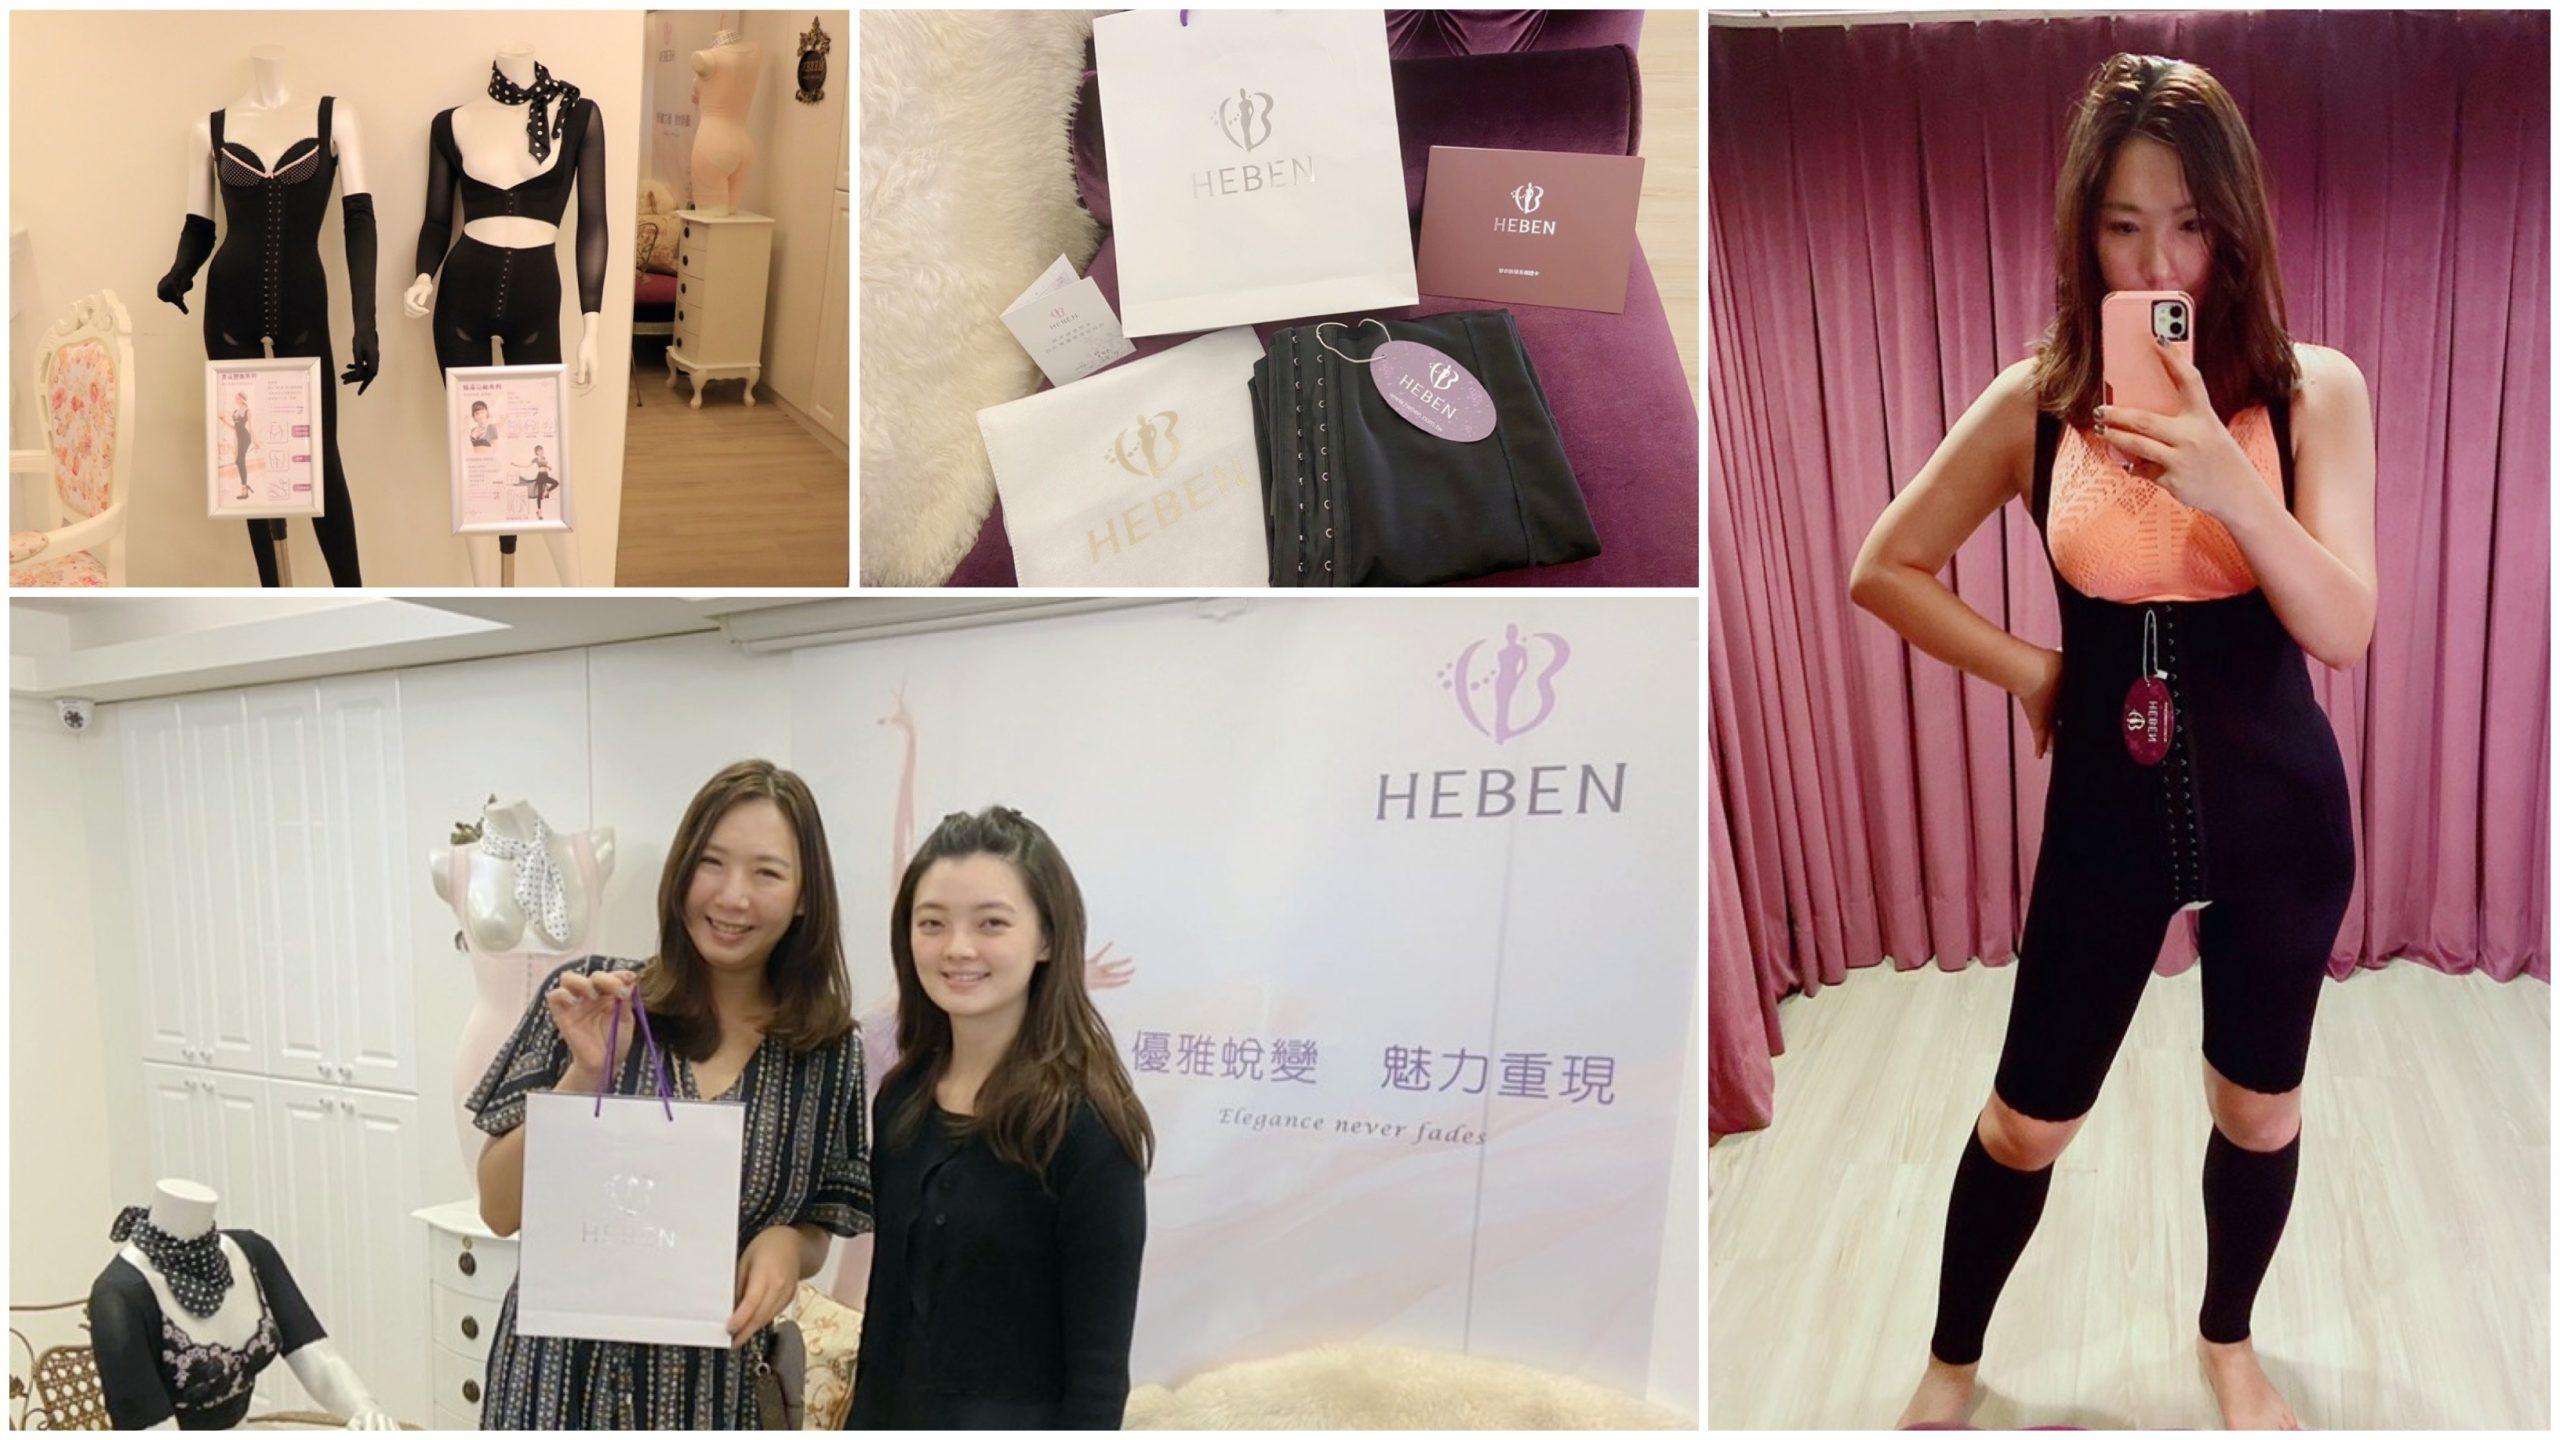 瑞莎代言赫本精品塑身衣-台北門市諮詢、量身分享 @艾比媽媽